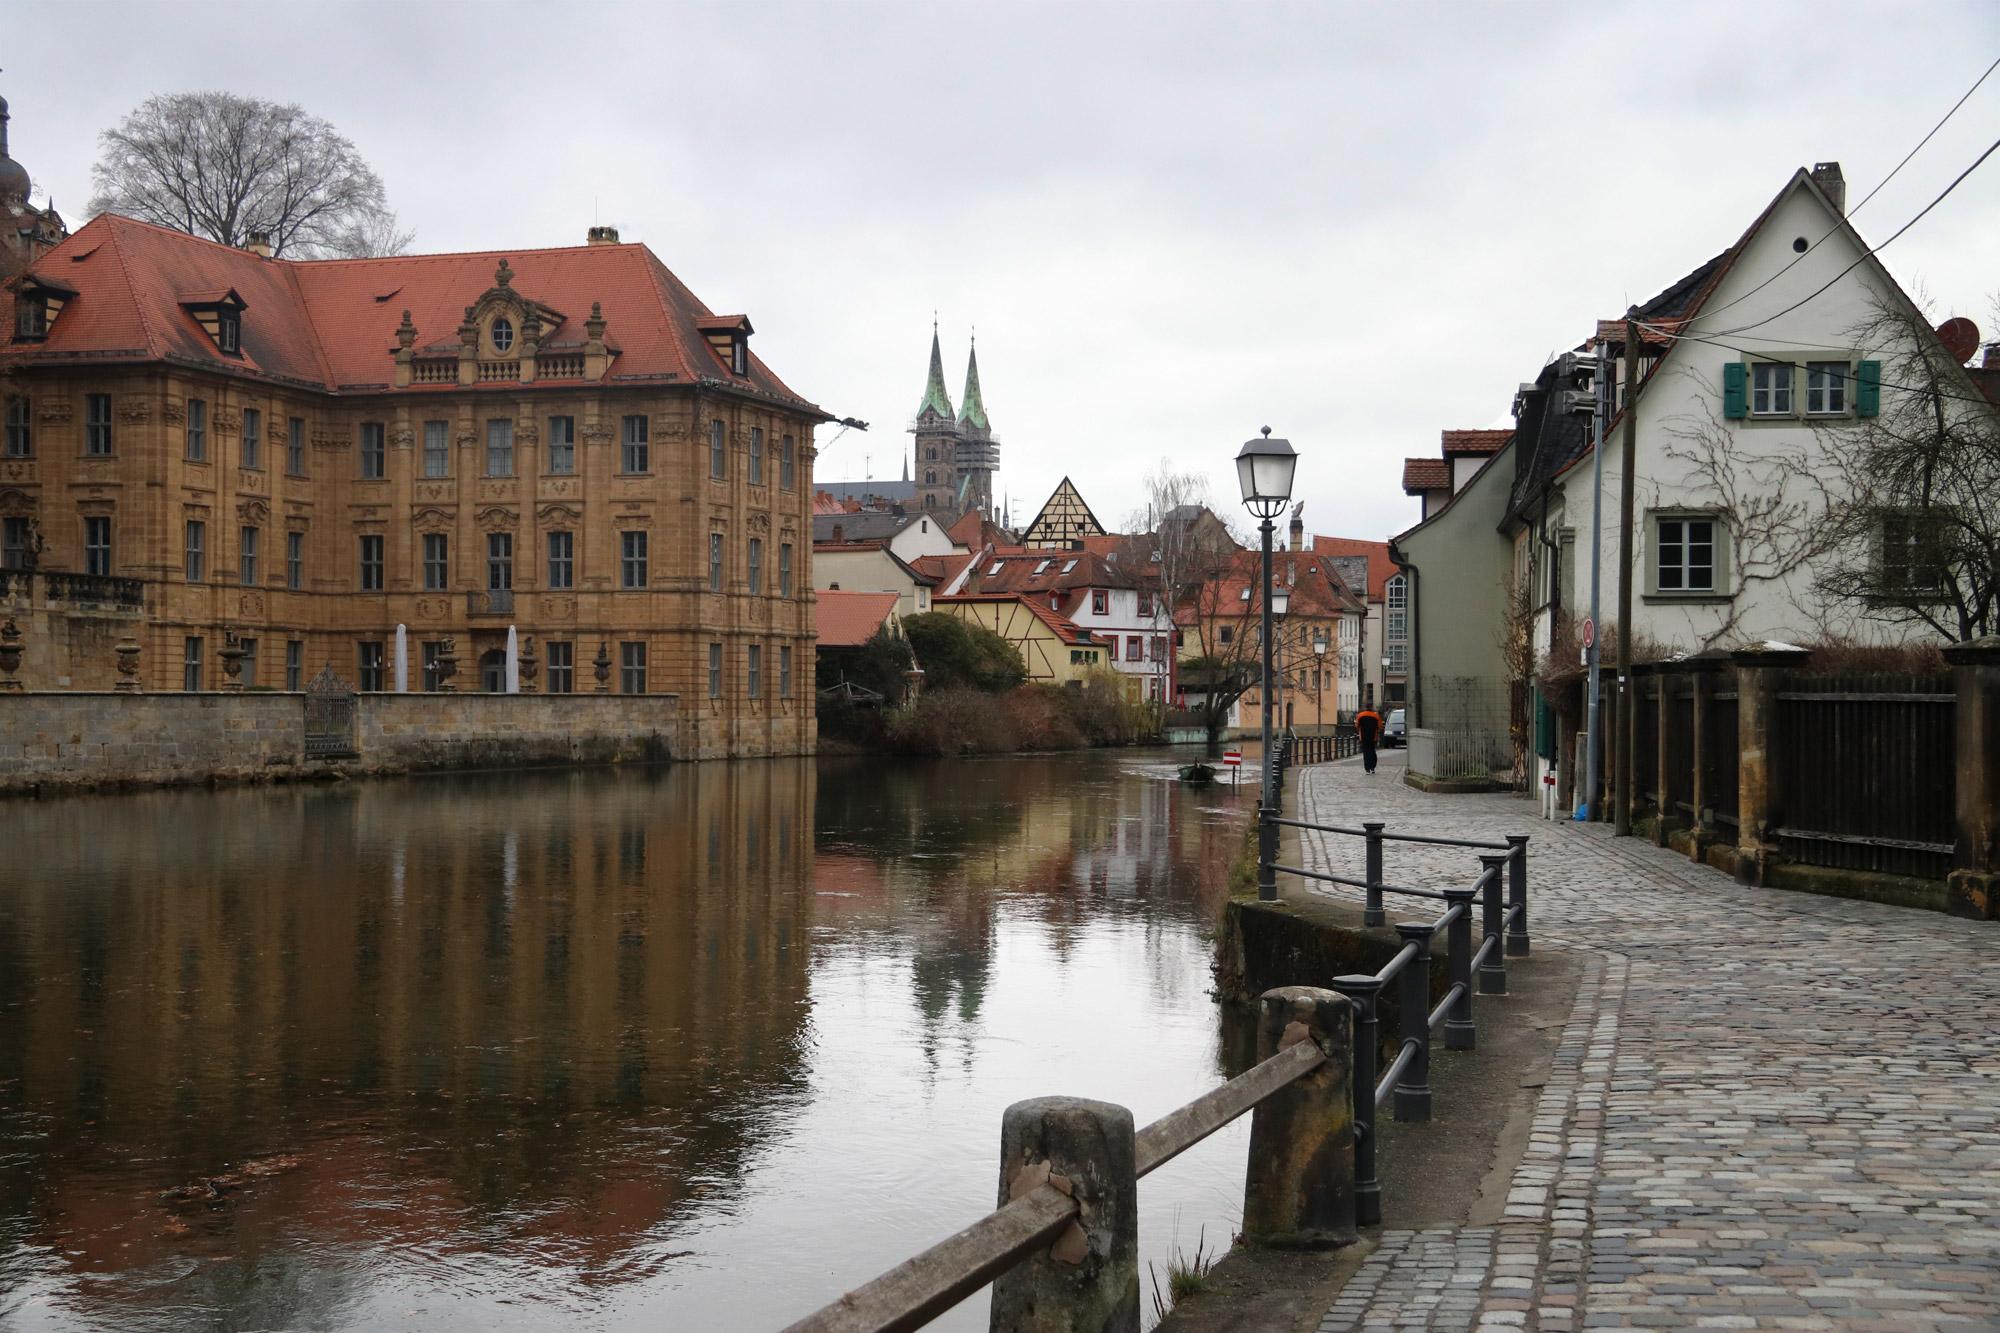 Bamberg in 10 beelden - Wandelen langs het water